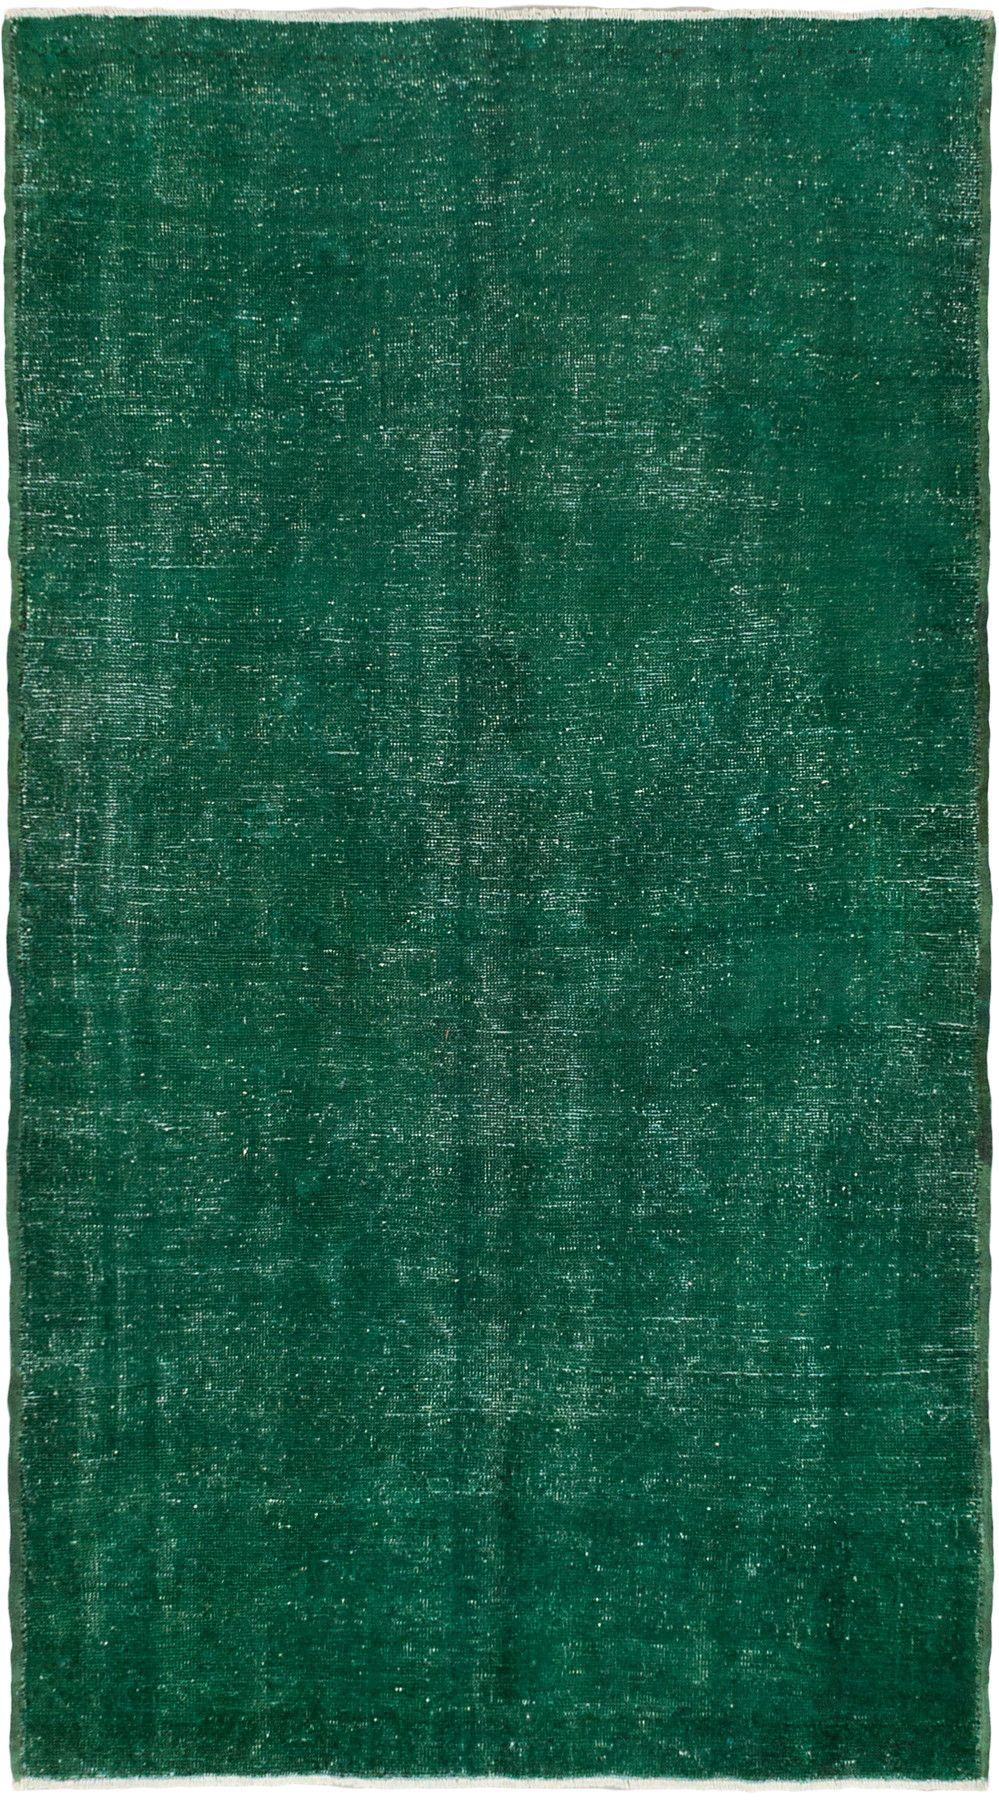 4 3 X 7 7 Emerald Green Turkish Overdyed Rug Emerald Green Rug